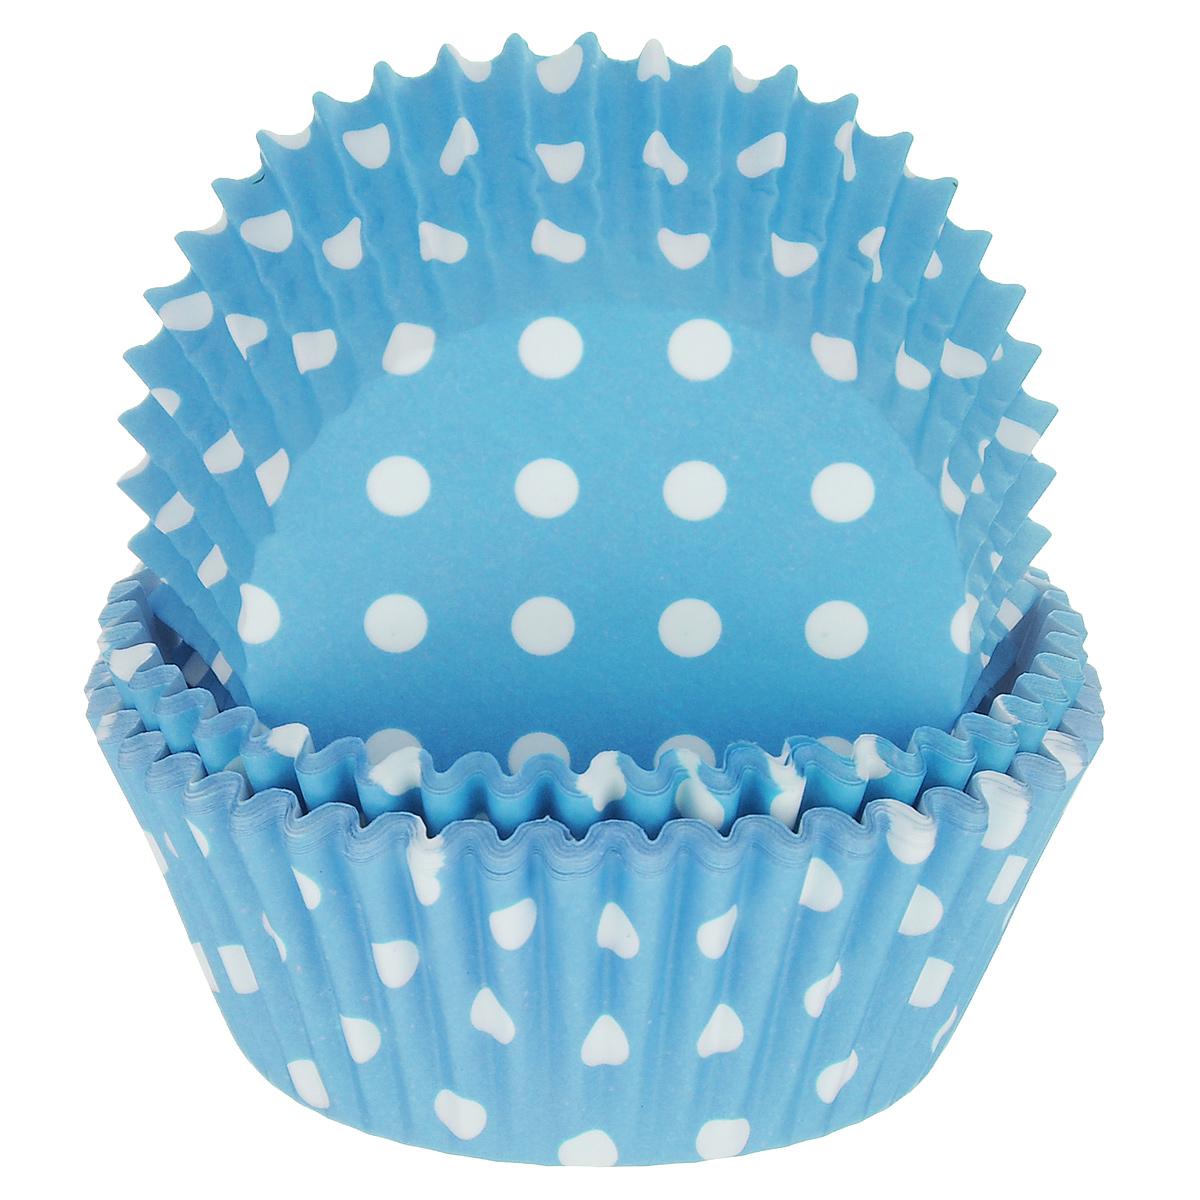 Набор бумажных форм для кексов Dolce Arti Горошек, цвет: голубой, диаметр 5 см, 50 штFS-91909Набор Dolce Arti Горошек состоит из 50 бумажных форм для кексов, оформленных принтом в горох. Они предназначены для выпечки и упаковки кондитерских изделий, также могут использоваться для сервировки орешков, конфет и много другого. Для одноразового применения. Гофрированные бумажные формы идеальны для выпечки кексов, булочек и пирожных.Высота стенки: 3 см. Диаметр (по верхнему краю): 7 см.Диаметр дна: 5 см.